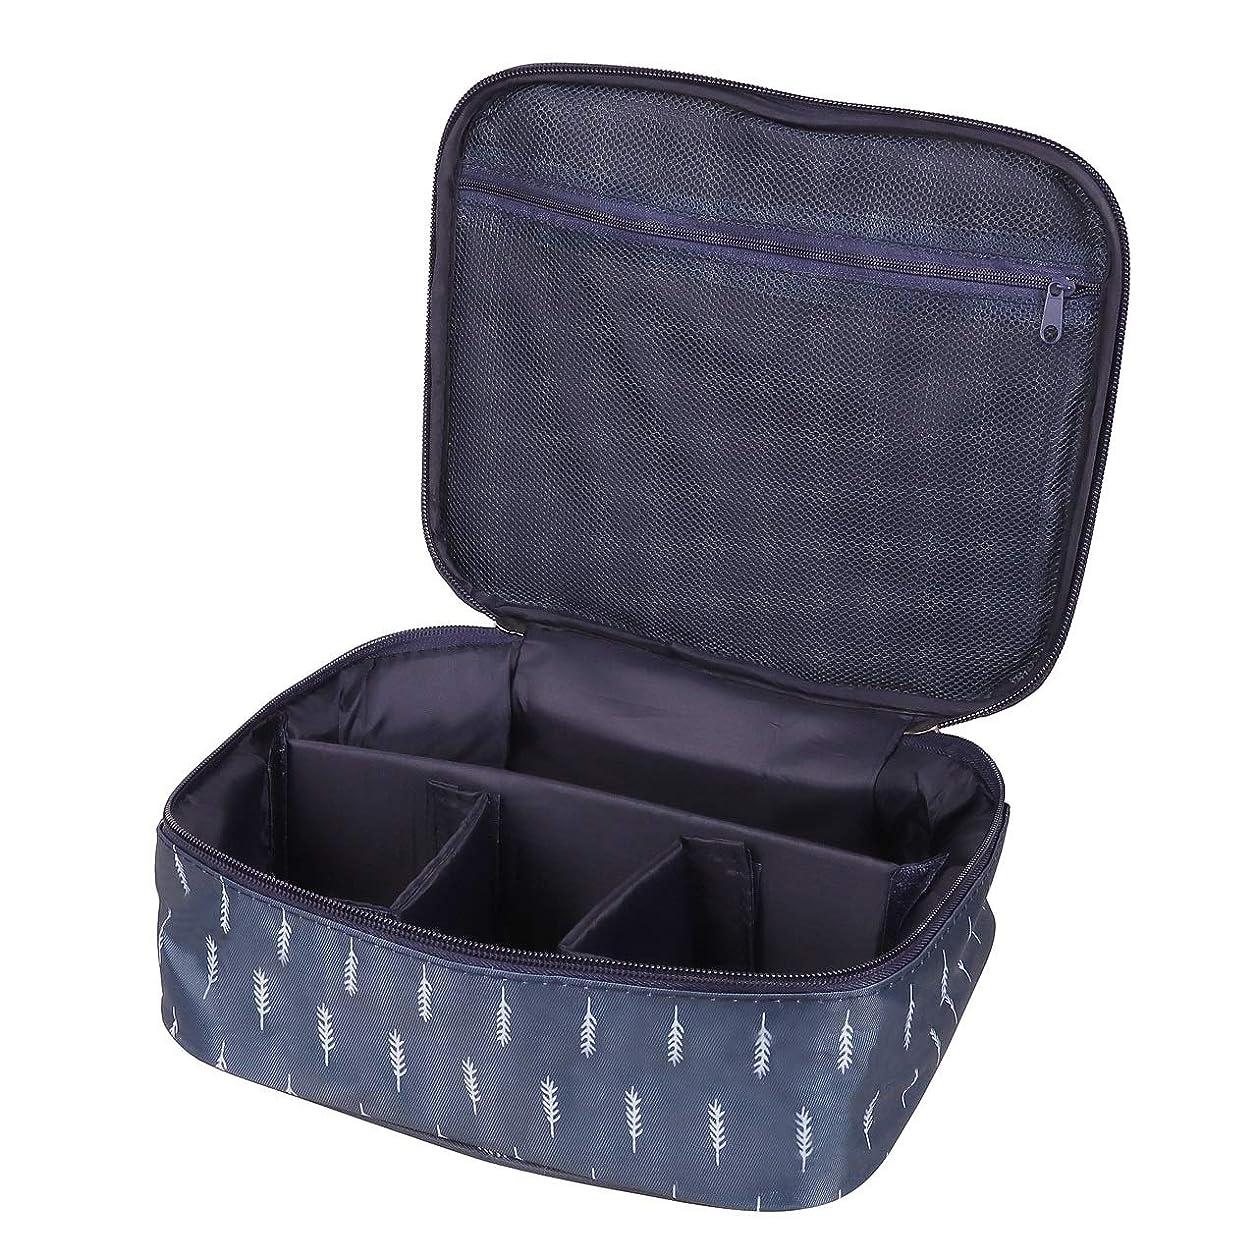 市区町村用量封筒[CAWKAY] メイクボックス 旅行用化粧ケース コスメ バッグ ボックス トラベル化粧ポーチ メイクブラシ 小物入れ 収納